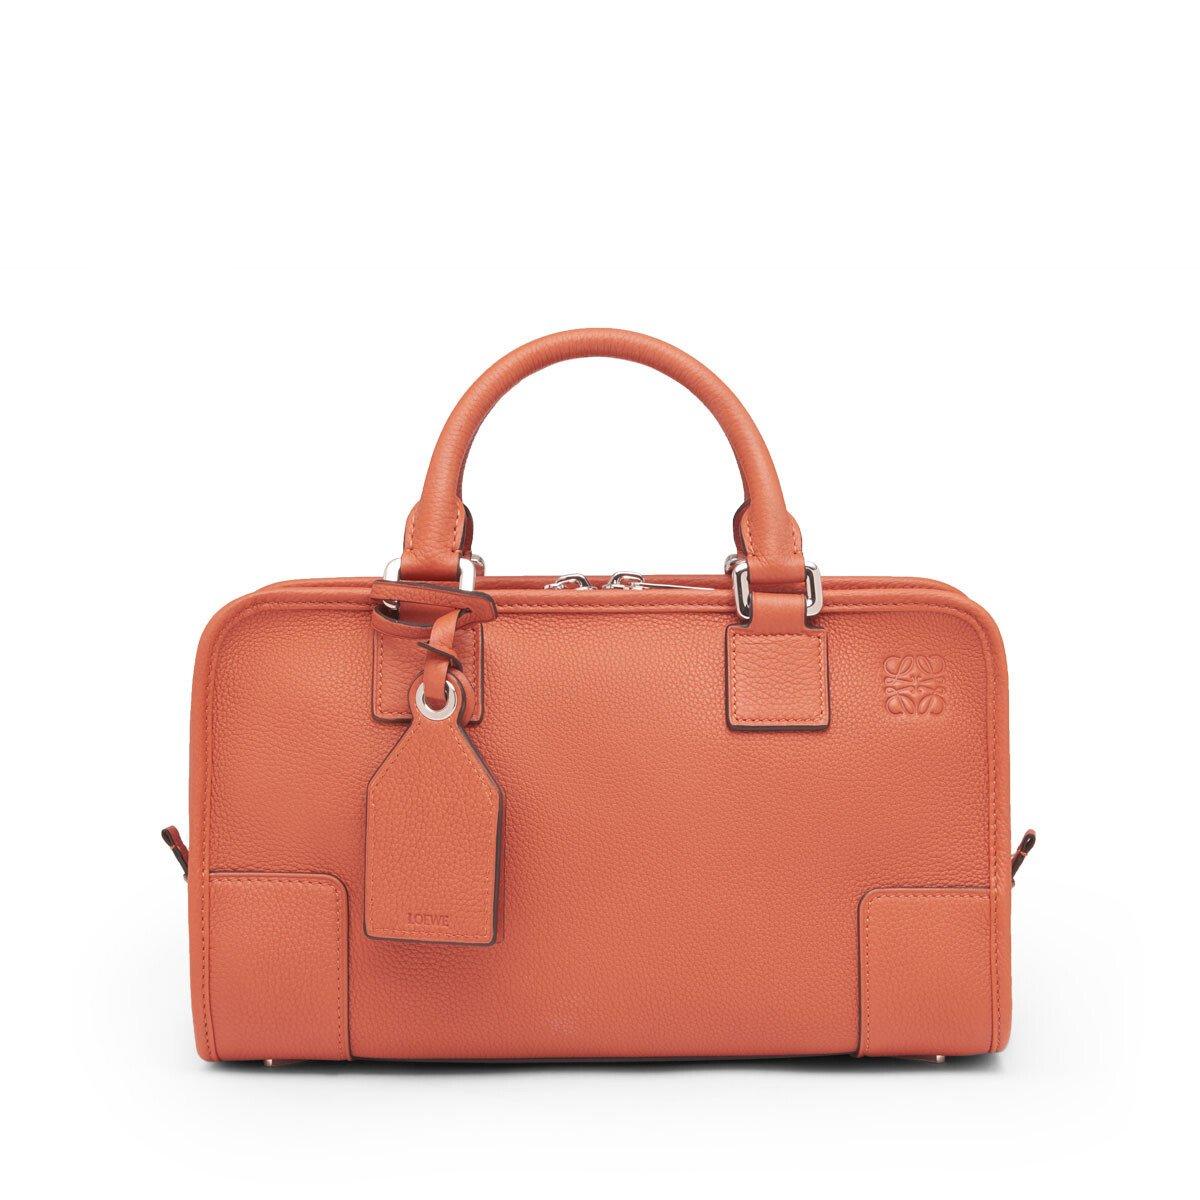 30代の女性に人気のロエベのレディースバッグ